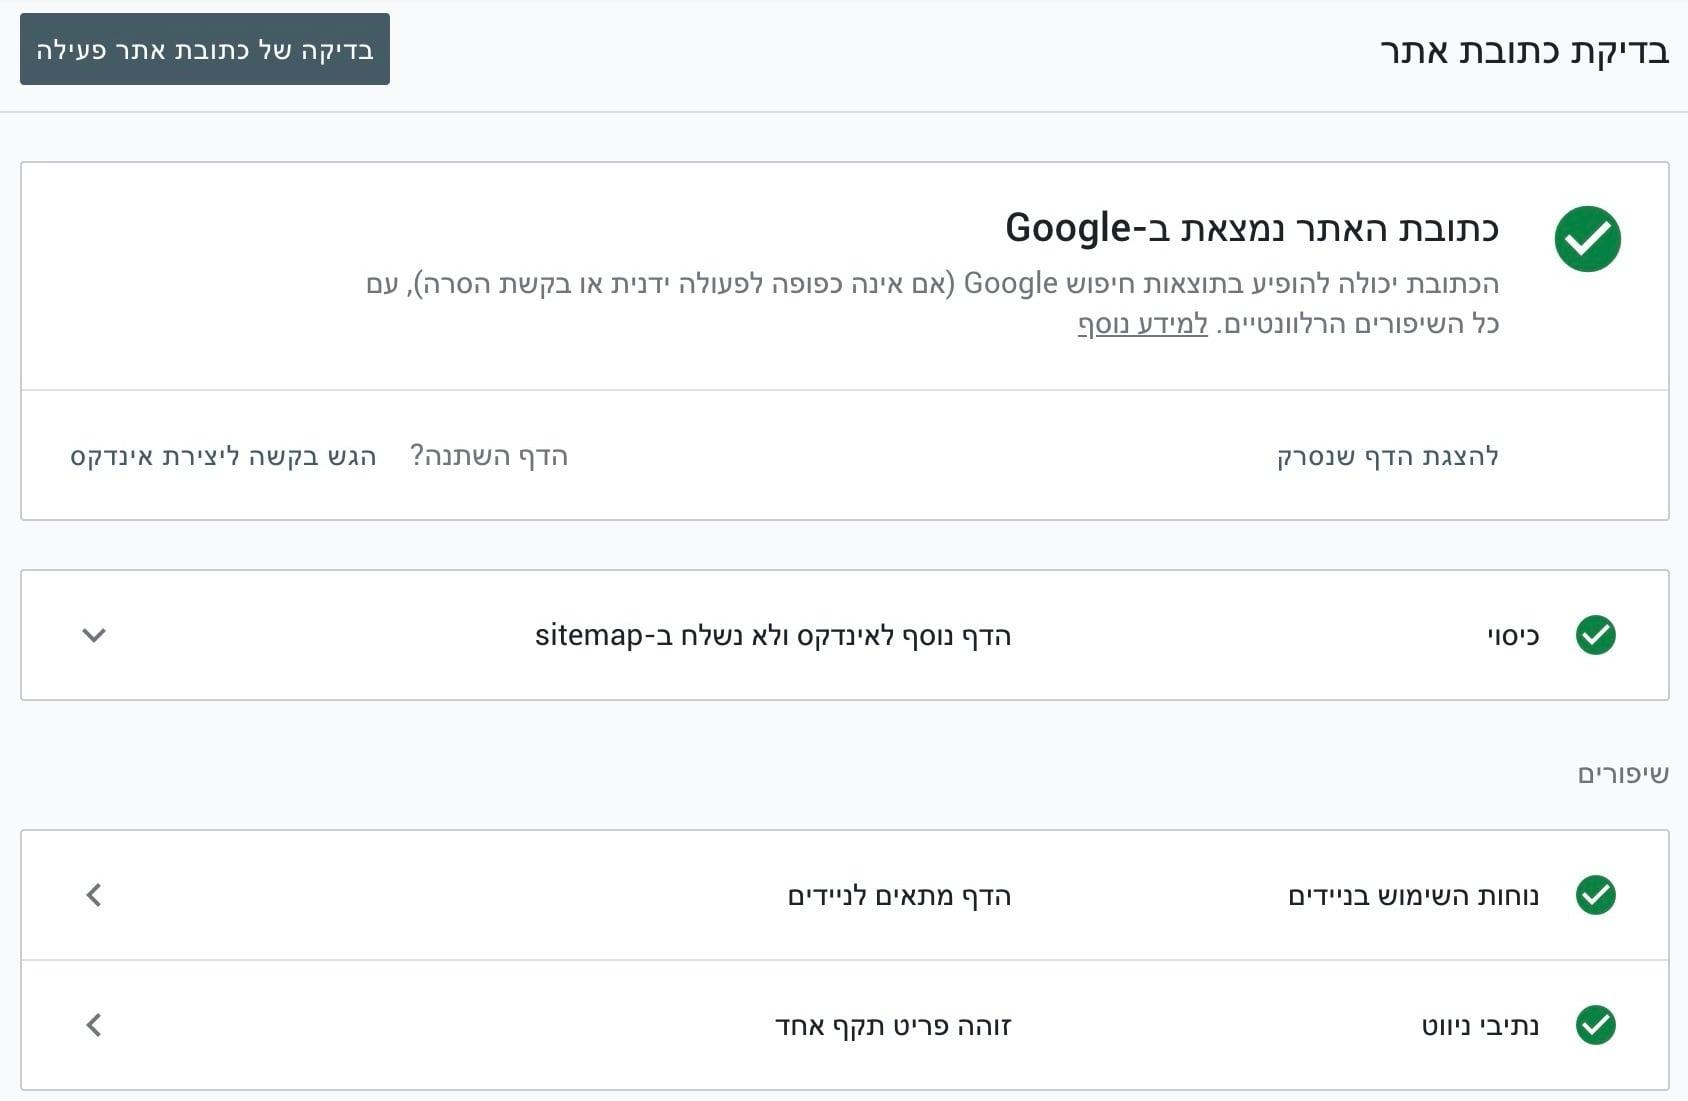 בדיקת דף - קונסולת החיפוש של גוגל